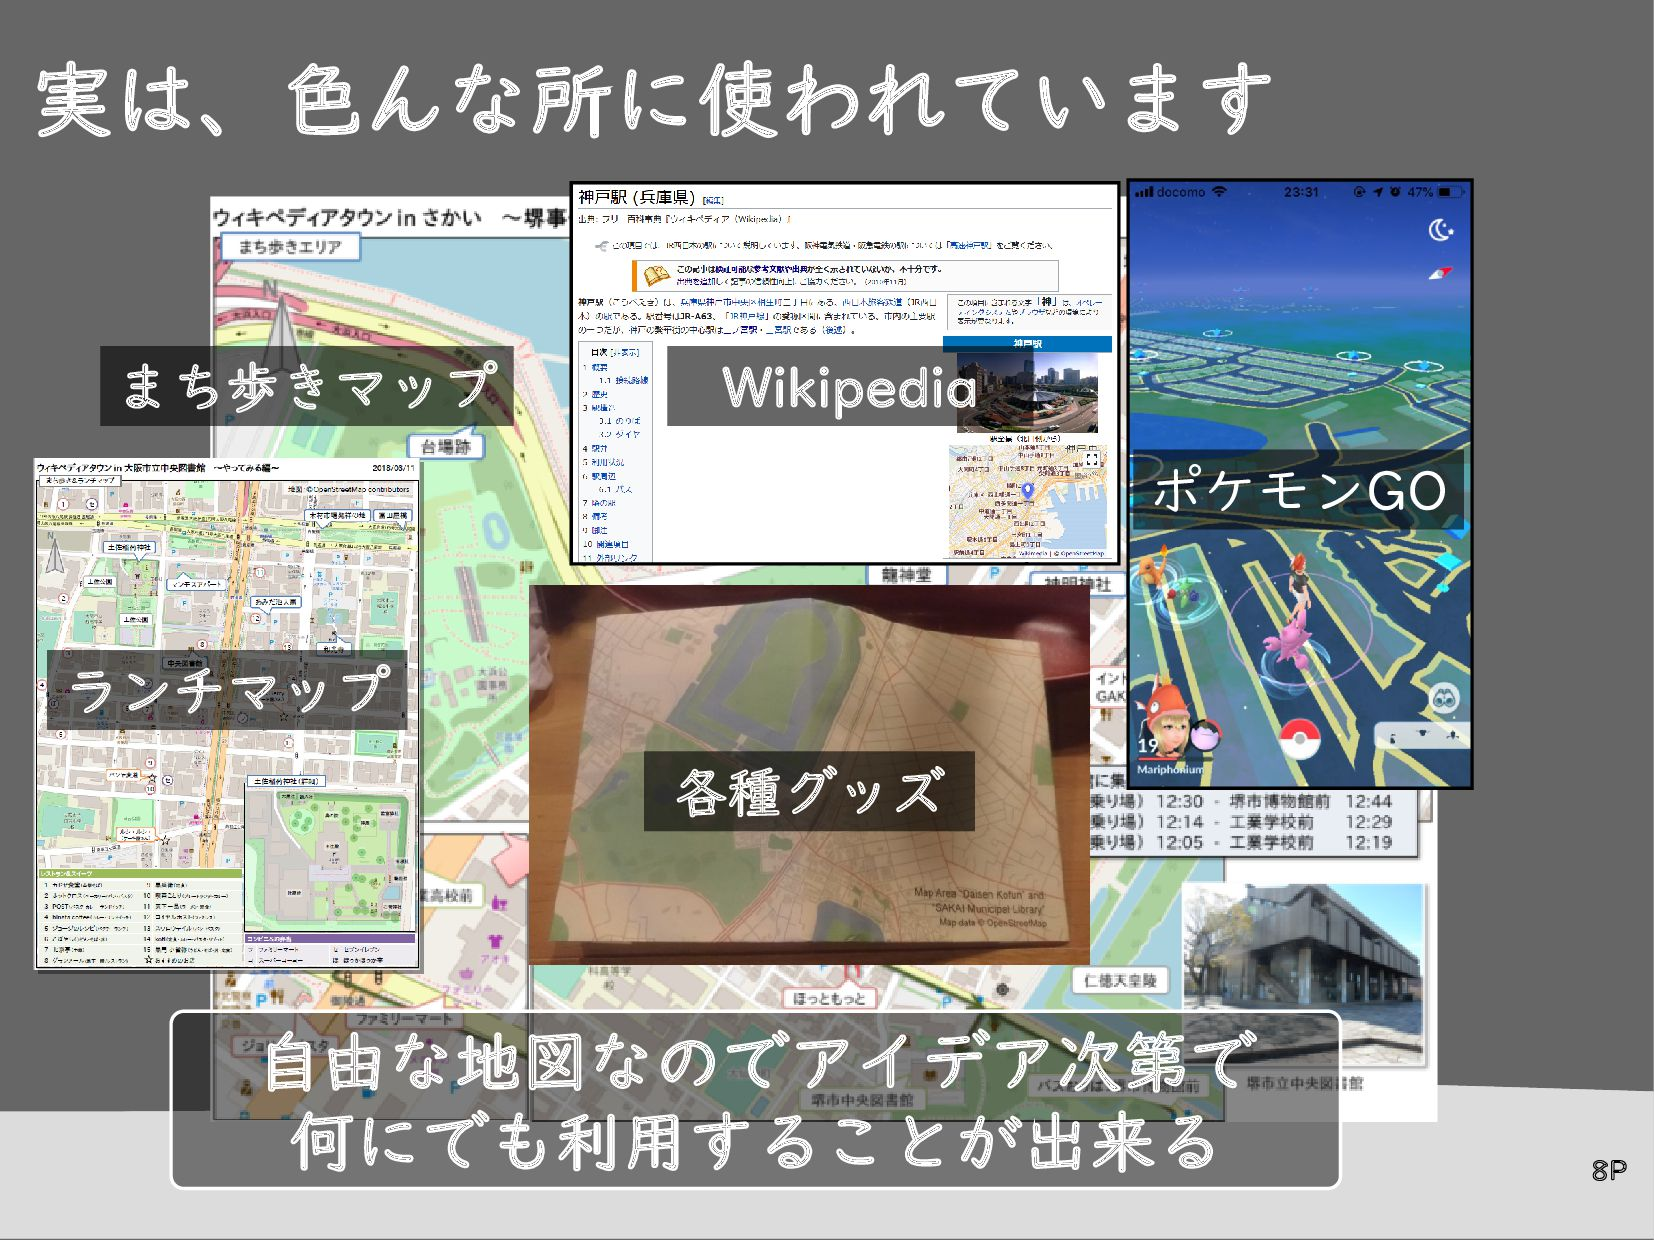 Google Mapsで十分だよね?  みなさんから、良く質問されます  Google M...